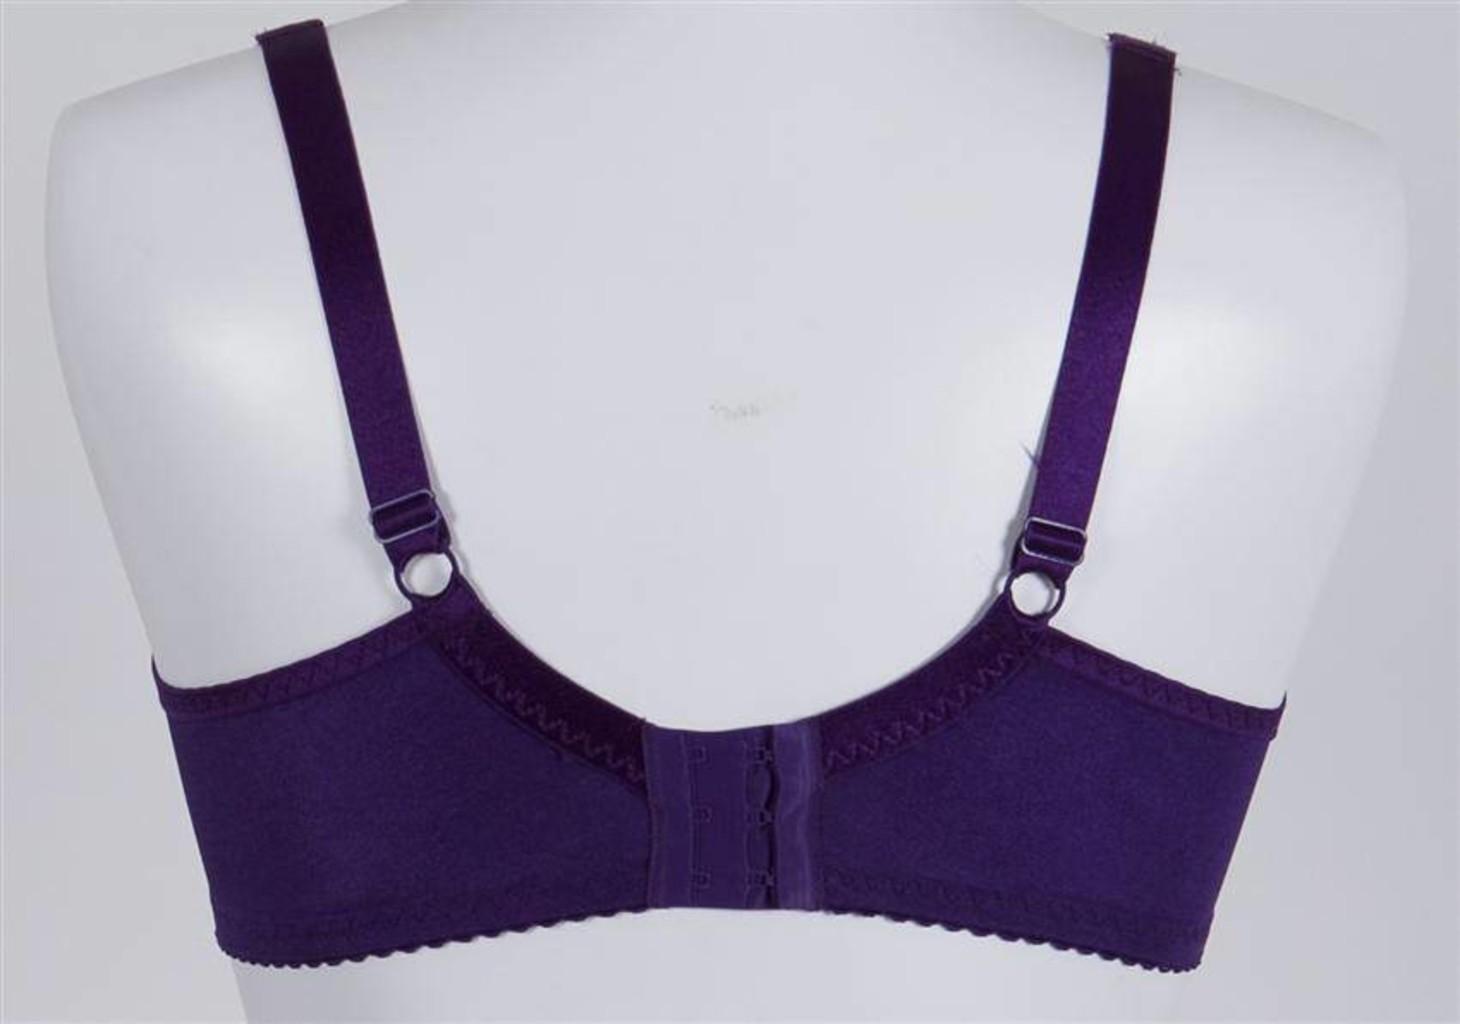 Syl Design Syl Design Kali Bh met beugel & afneembare sierbandjes kleur ultra violet